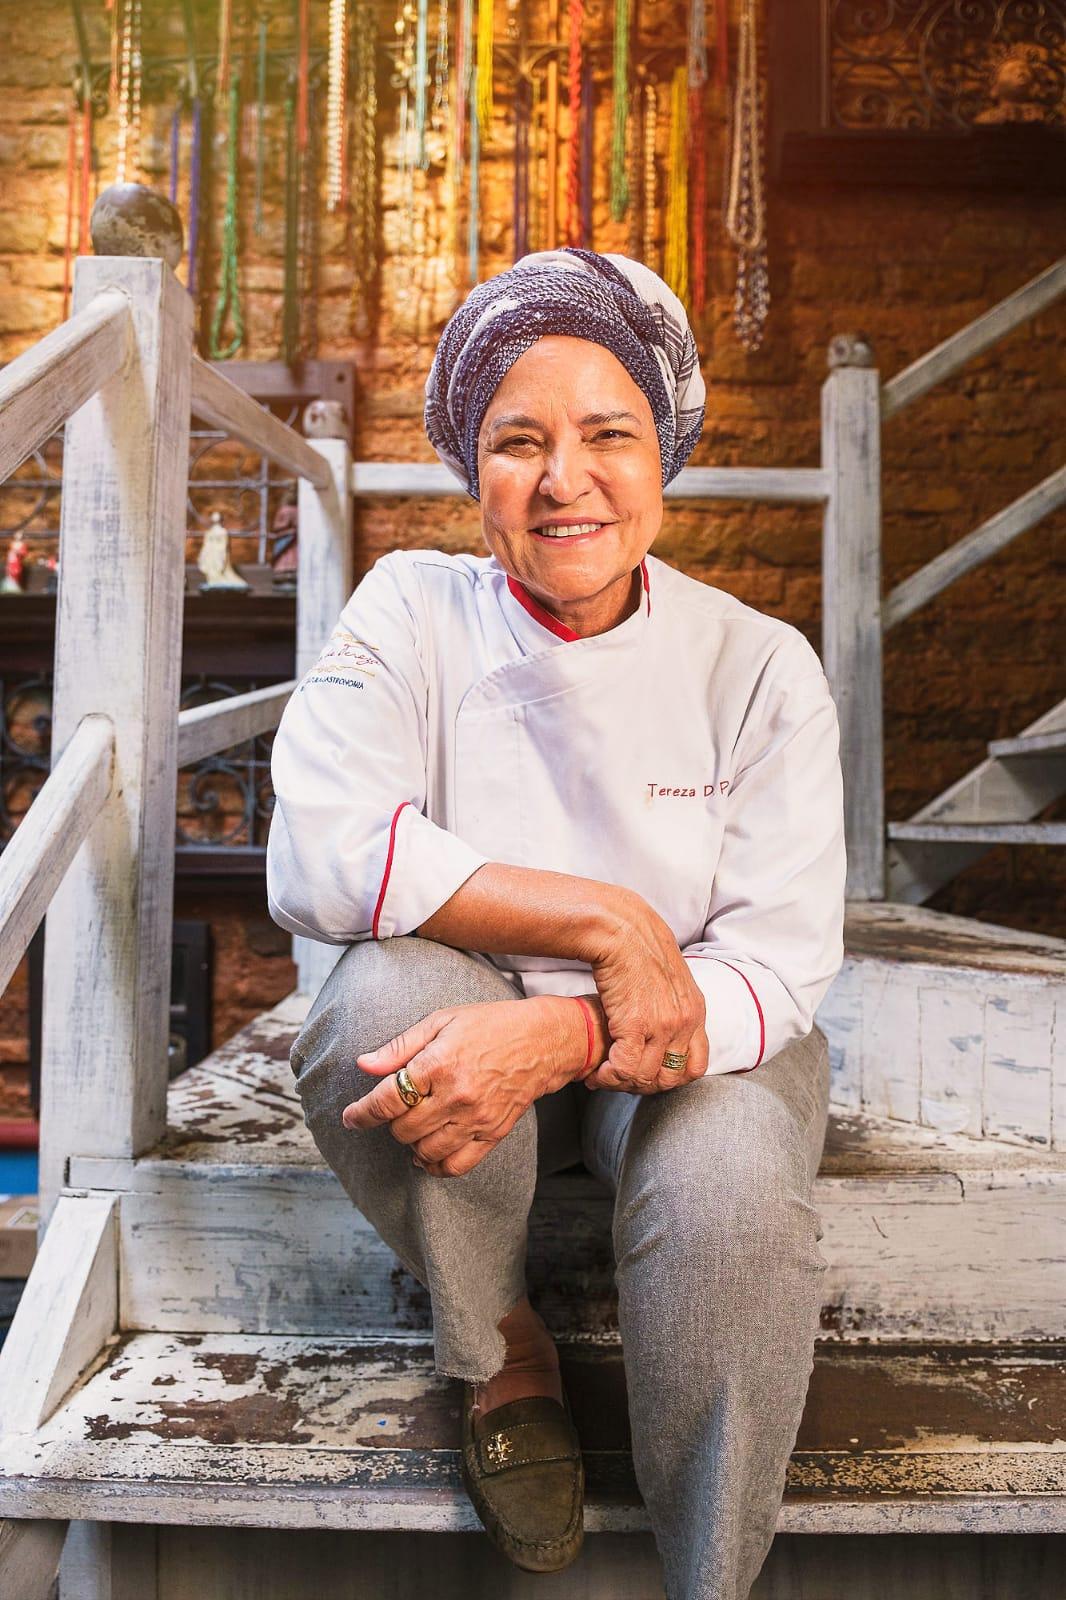 Tereza Paim participa do 'Mesa ao Vivo Bahia 2021' e prepara prato online